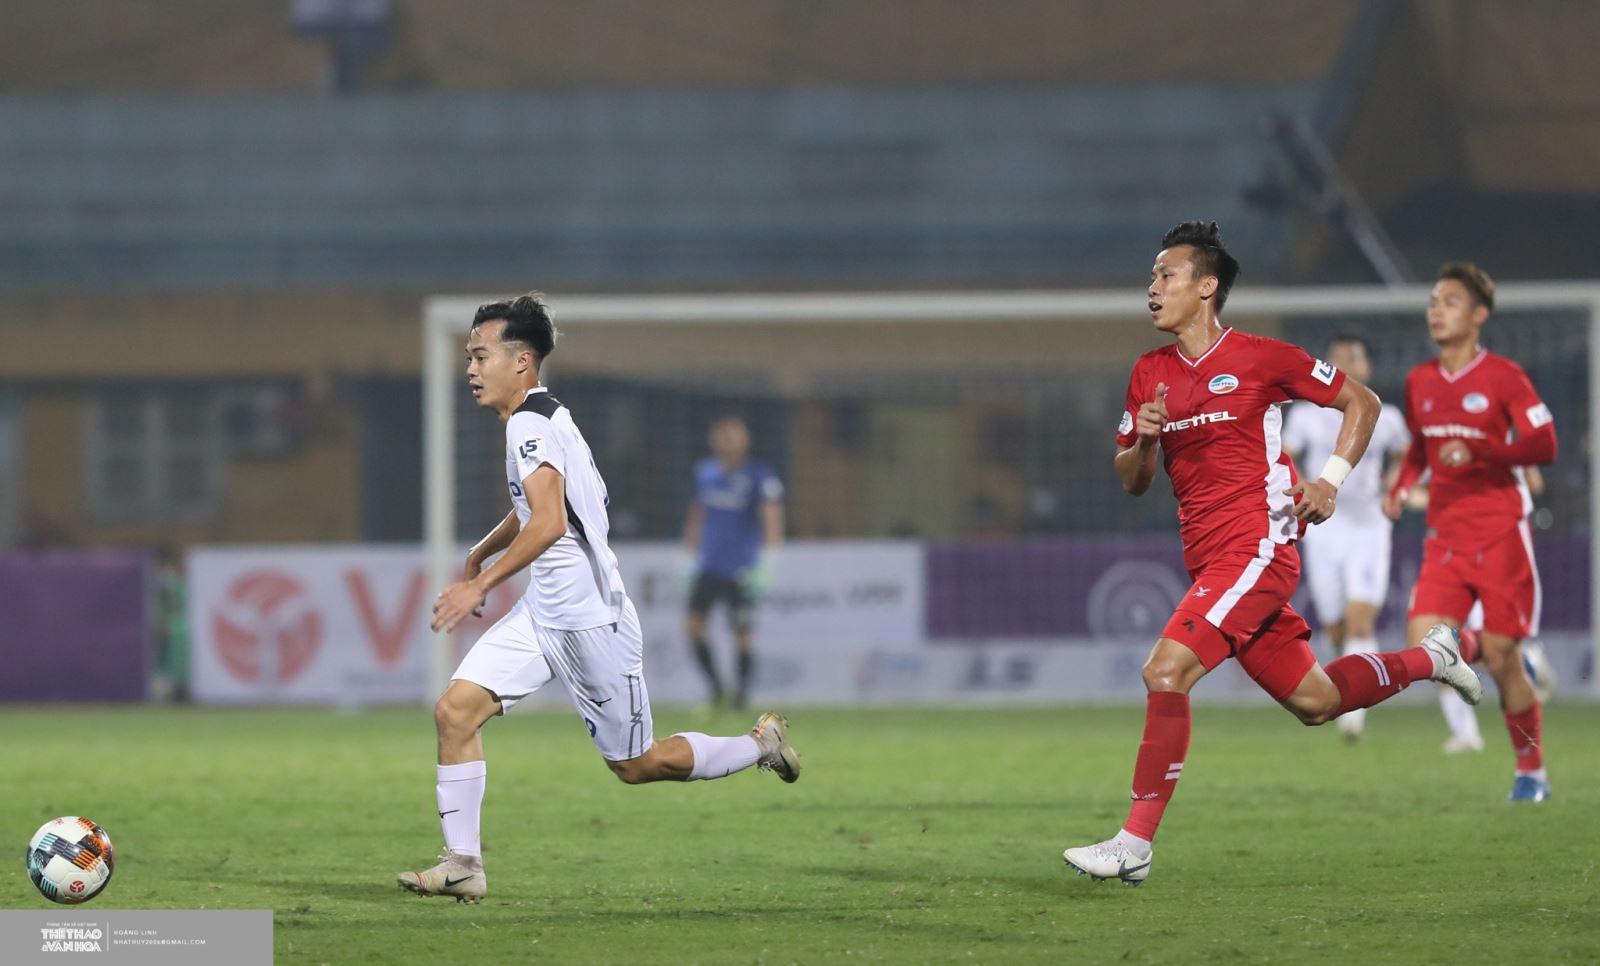 bóng đá Việt Nam, lịch thi đấu bóng đá Việt Nam hôm nay, HAGL, Viettel, COVID-19, hoãn V League vì COVID-19, bảng xếp hạng V League, VFF, VPF, Văn Toàn